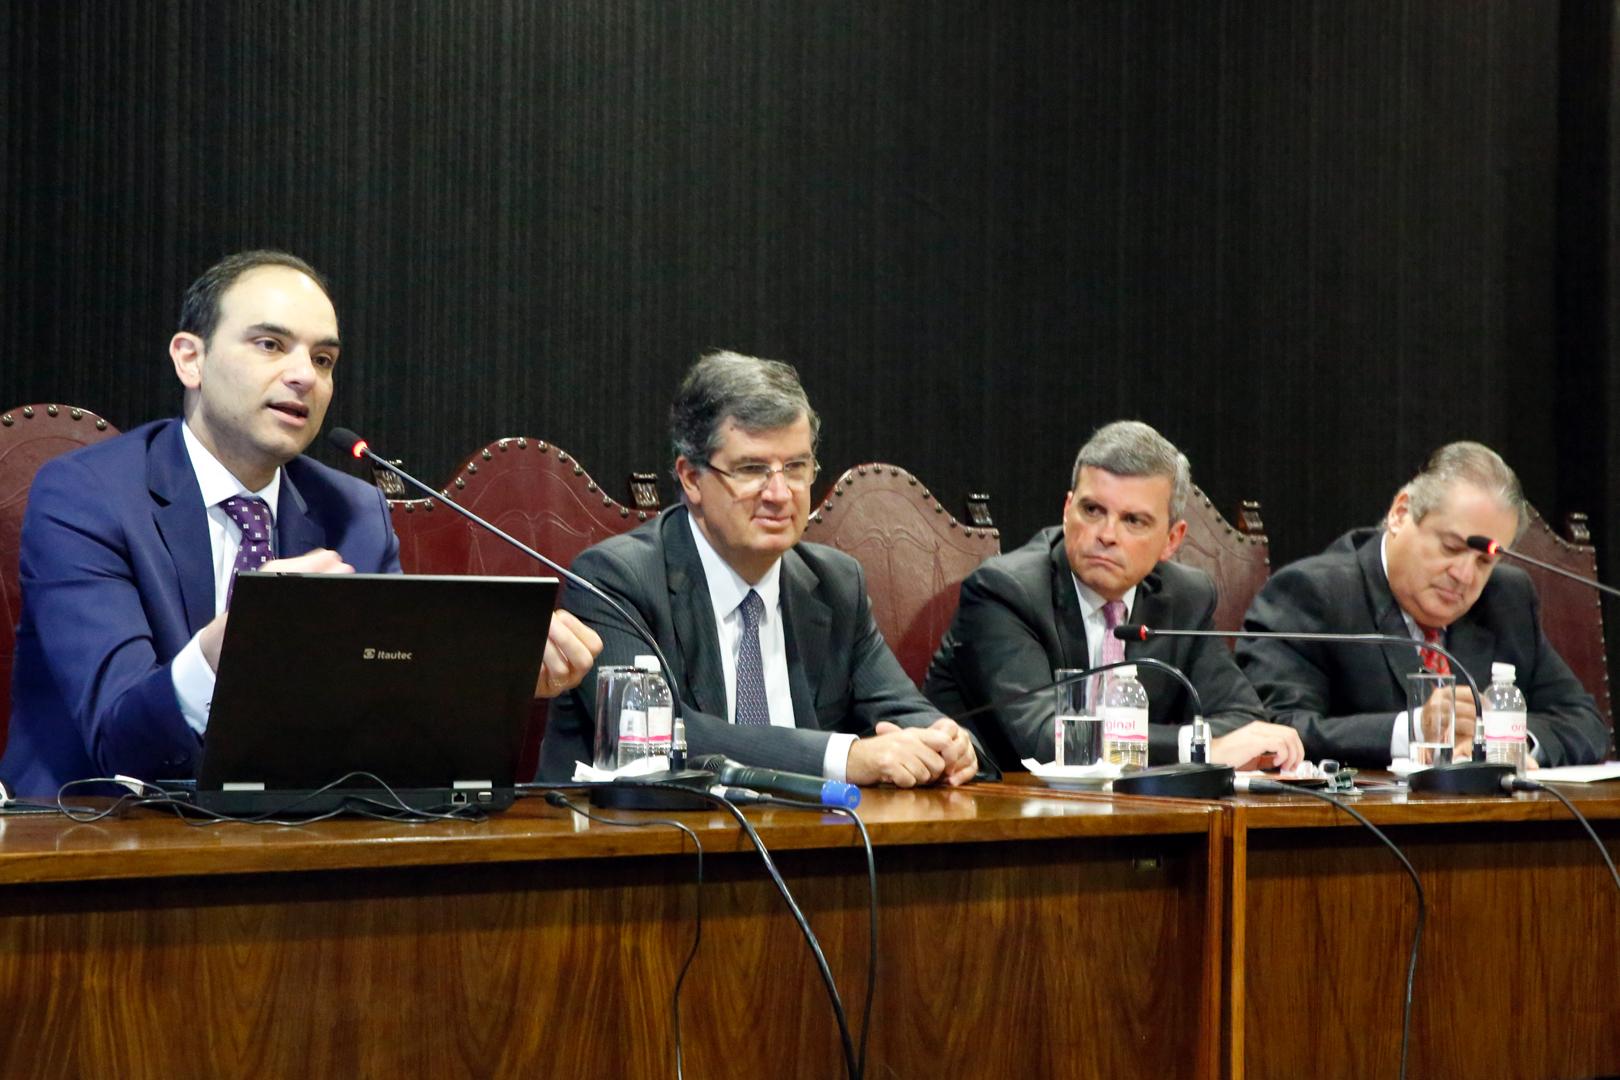 EPM inicia o curso 'Questões controvertidas do Direito Imobiliário' no Gade 23 de Maio